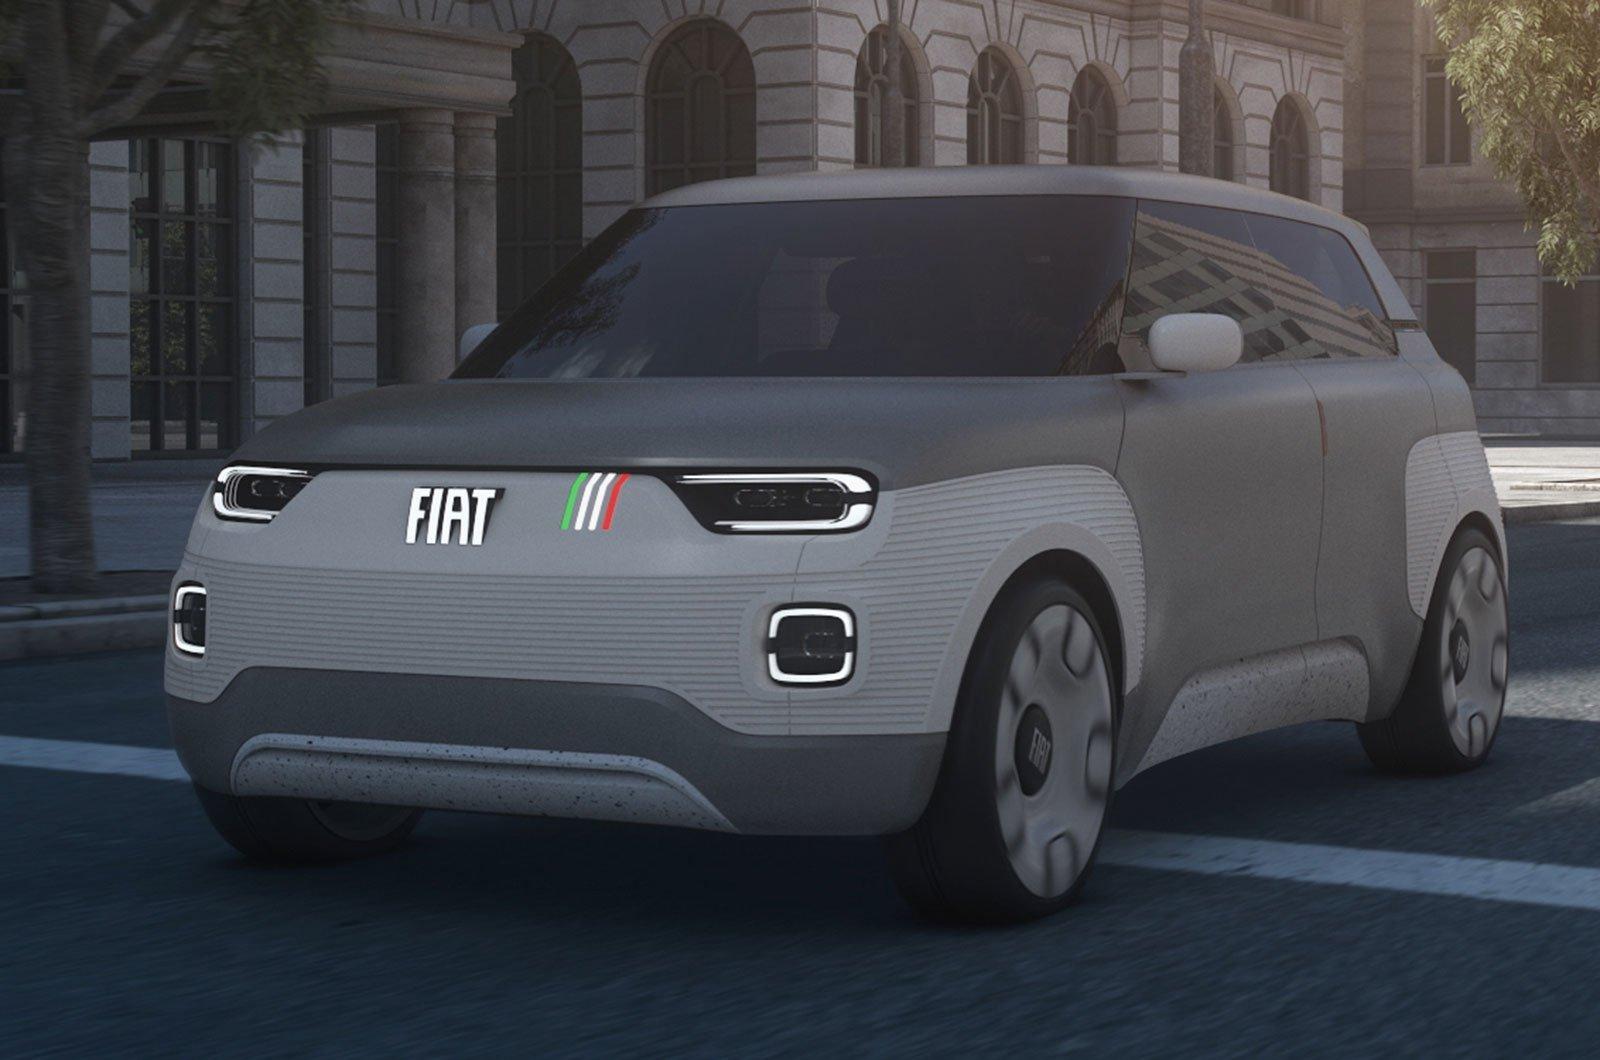 Fiat Centovetti concept front